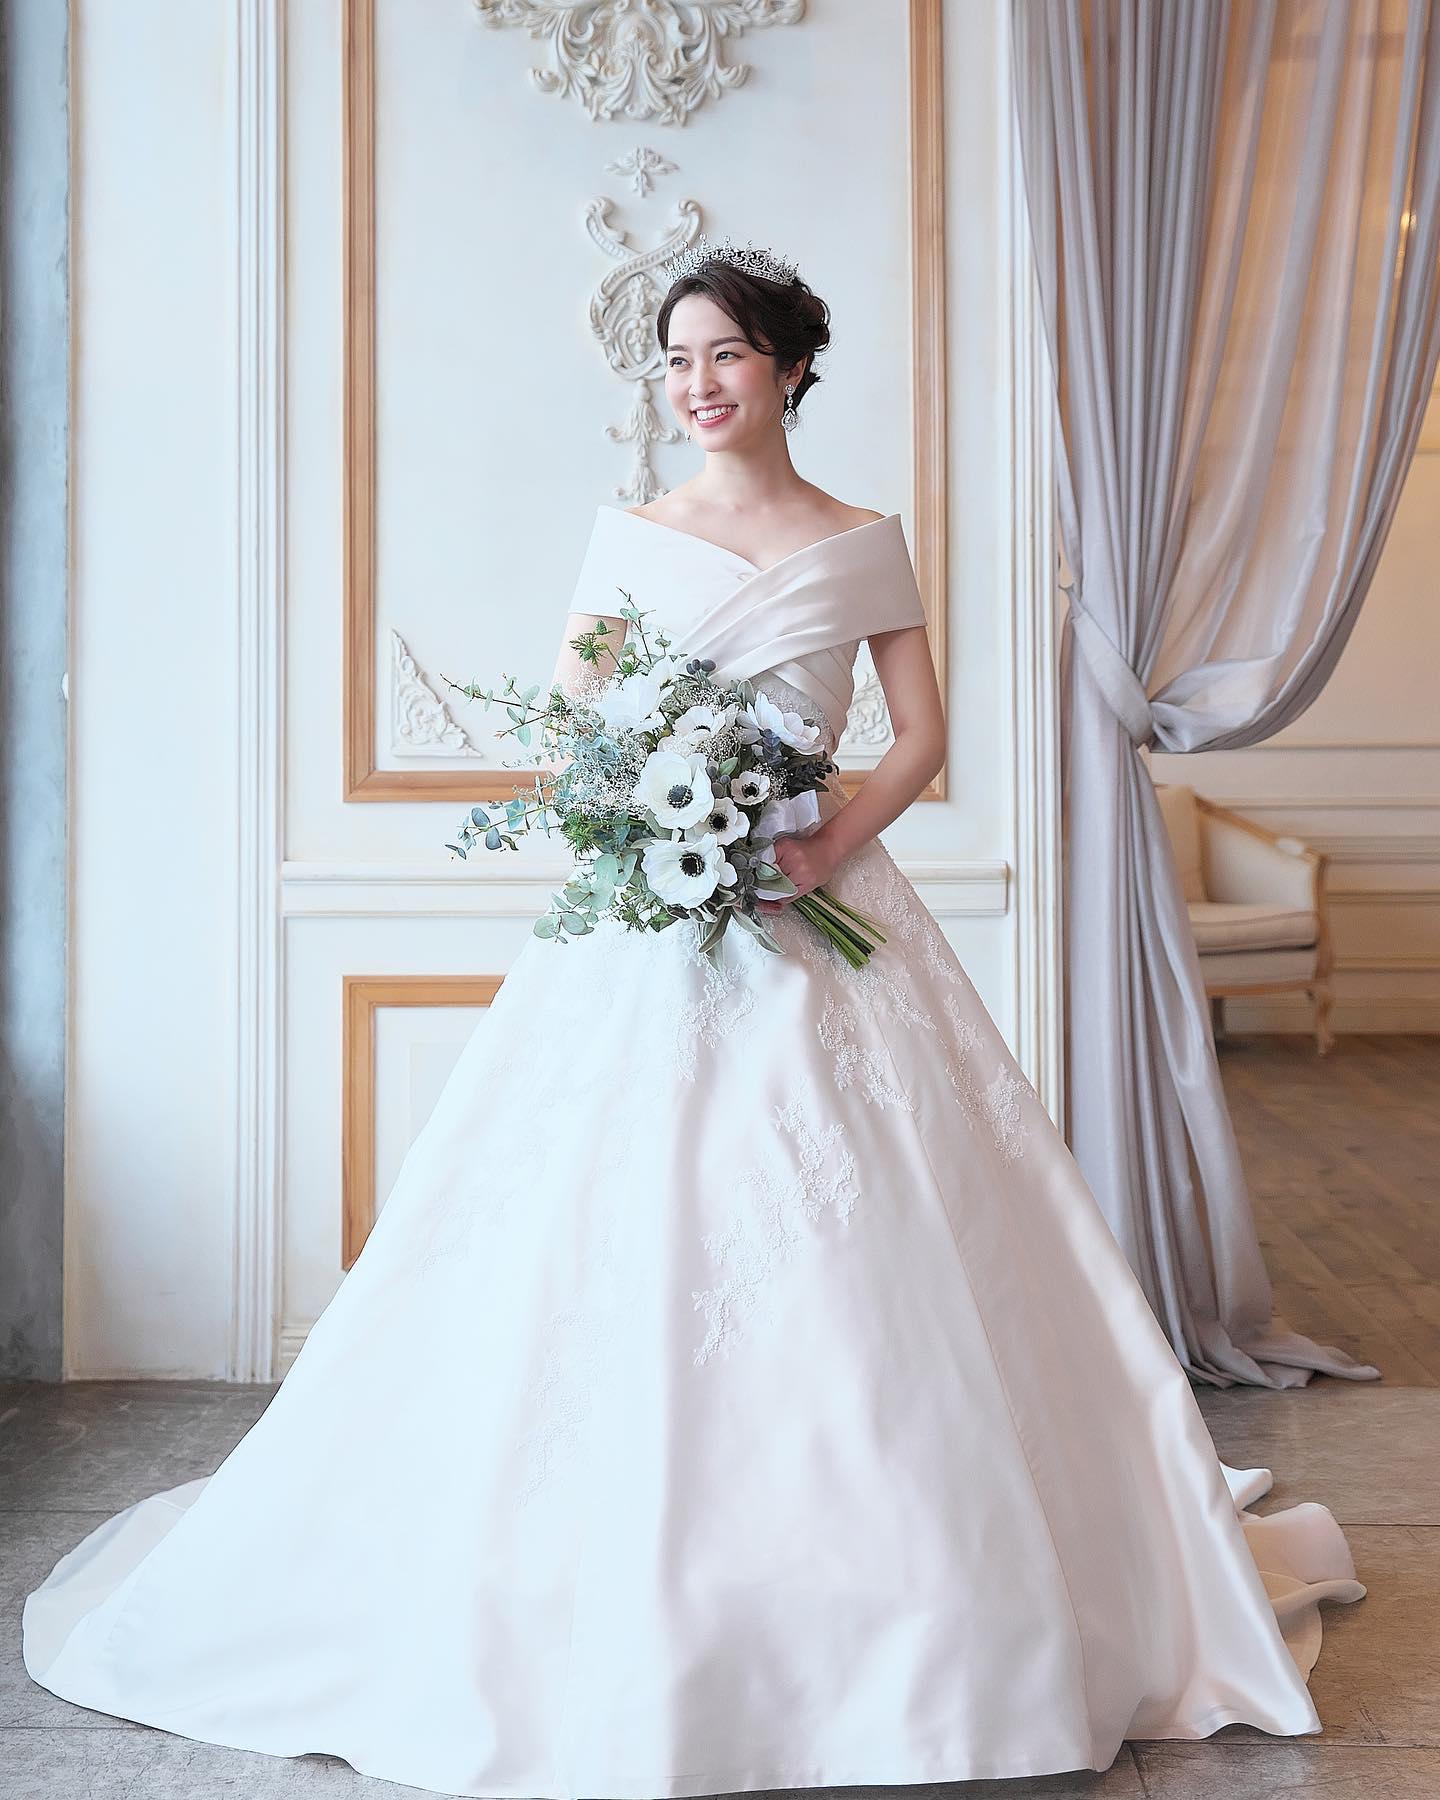 ・@lovetiara.bridal さまの撮影で当店のドレスをセレクトしていただきました・撮影の様子を少しずつご紹介していきますね・モデルは @mako__sato さんとーっても美しく着こなして下さいました🥰・Special thanksaccessory @lovetiara.bridal model @mako__sato photographer @artephoto_meghair make @mika.mydresser bouquet @le_bourgeon_bouquet ・#wedding #weddingdress #bridalhiro #ウェディングドレス #プレ花嫁 #ドレス試着 #2021夏婚 #2021冬婚 #ヘアメイク #結婚式  #ドレス選び #前撮り #後撮り #フォトウェディング #ウェディングヘア  #フォト婚 #前撮り写真 #ブライダルフォト #カップルフォト #ウェディングドレス探し #ウェディングドレス試着 #レンタルドレス #ドレスショップ #家族婚 #ブライダルヒロ